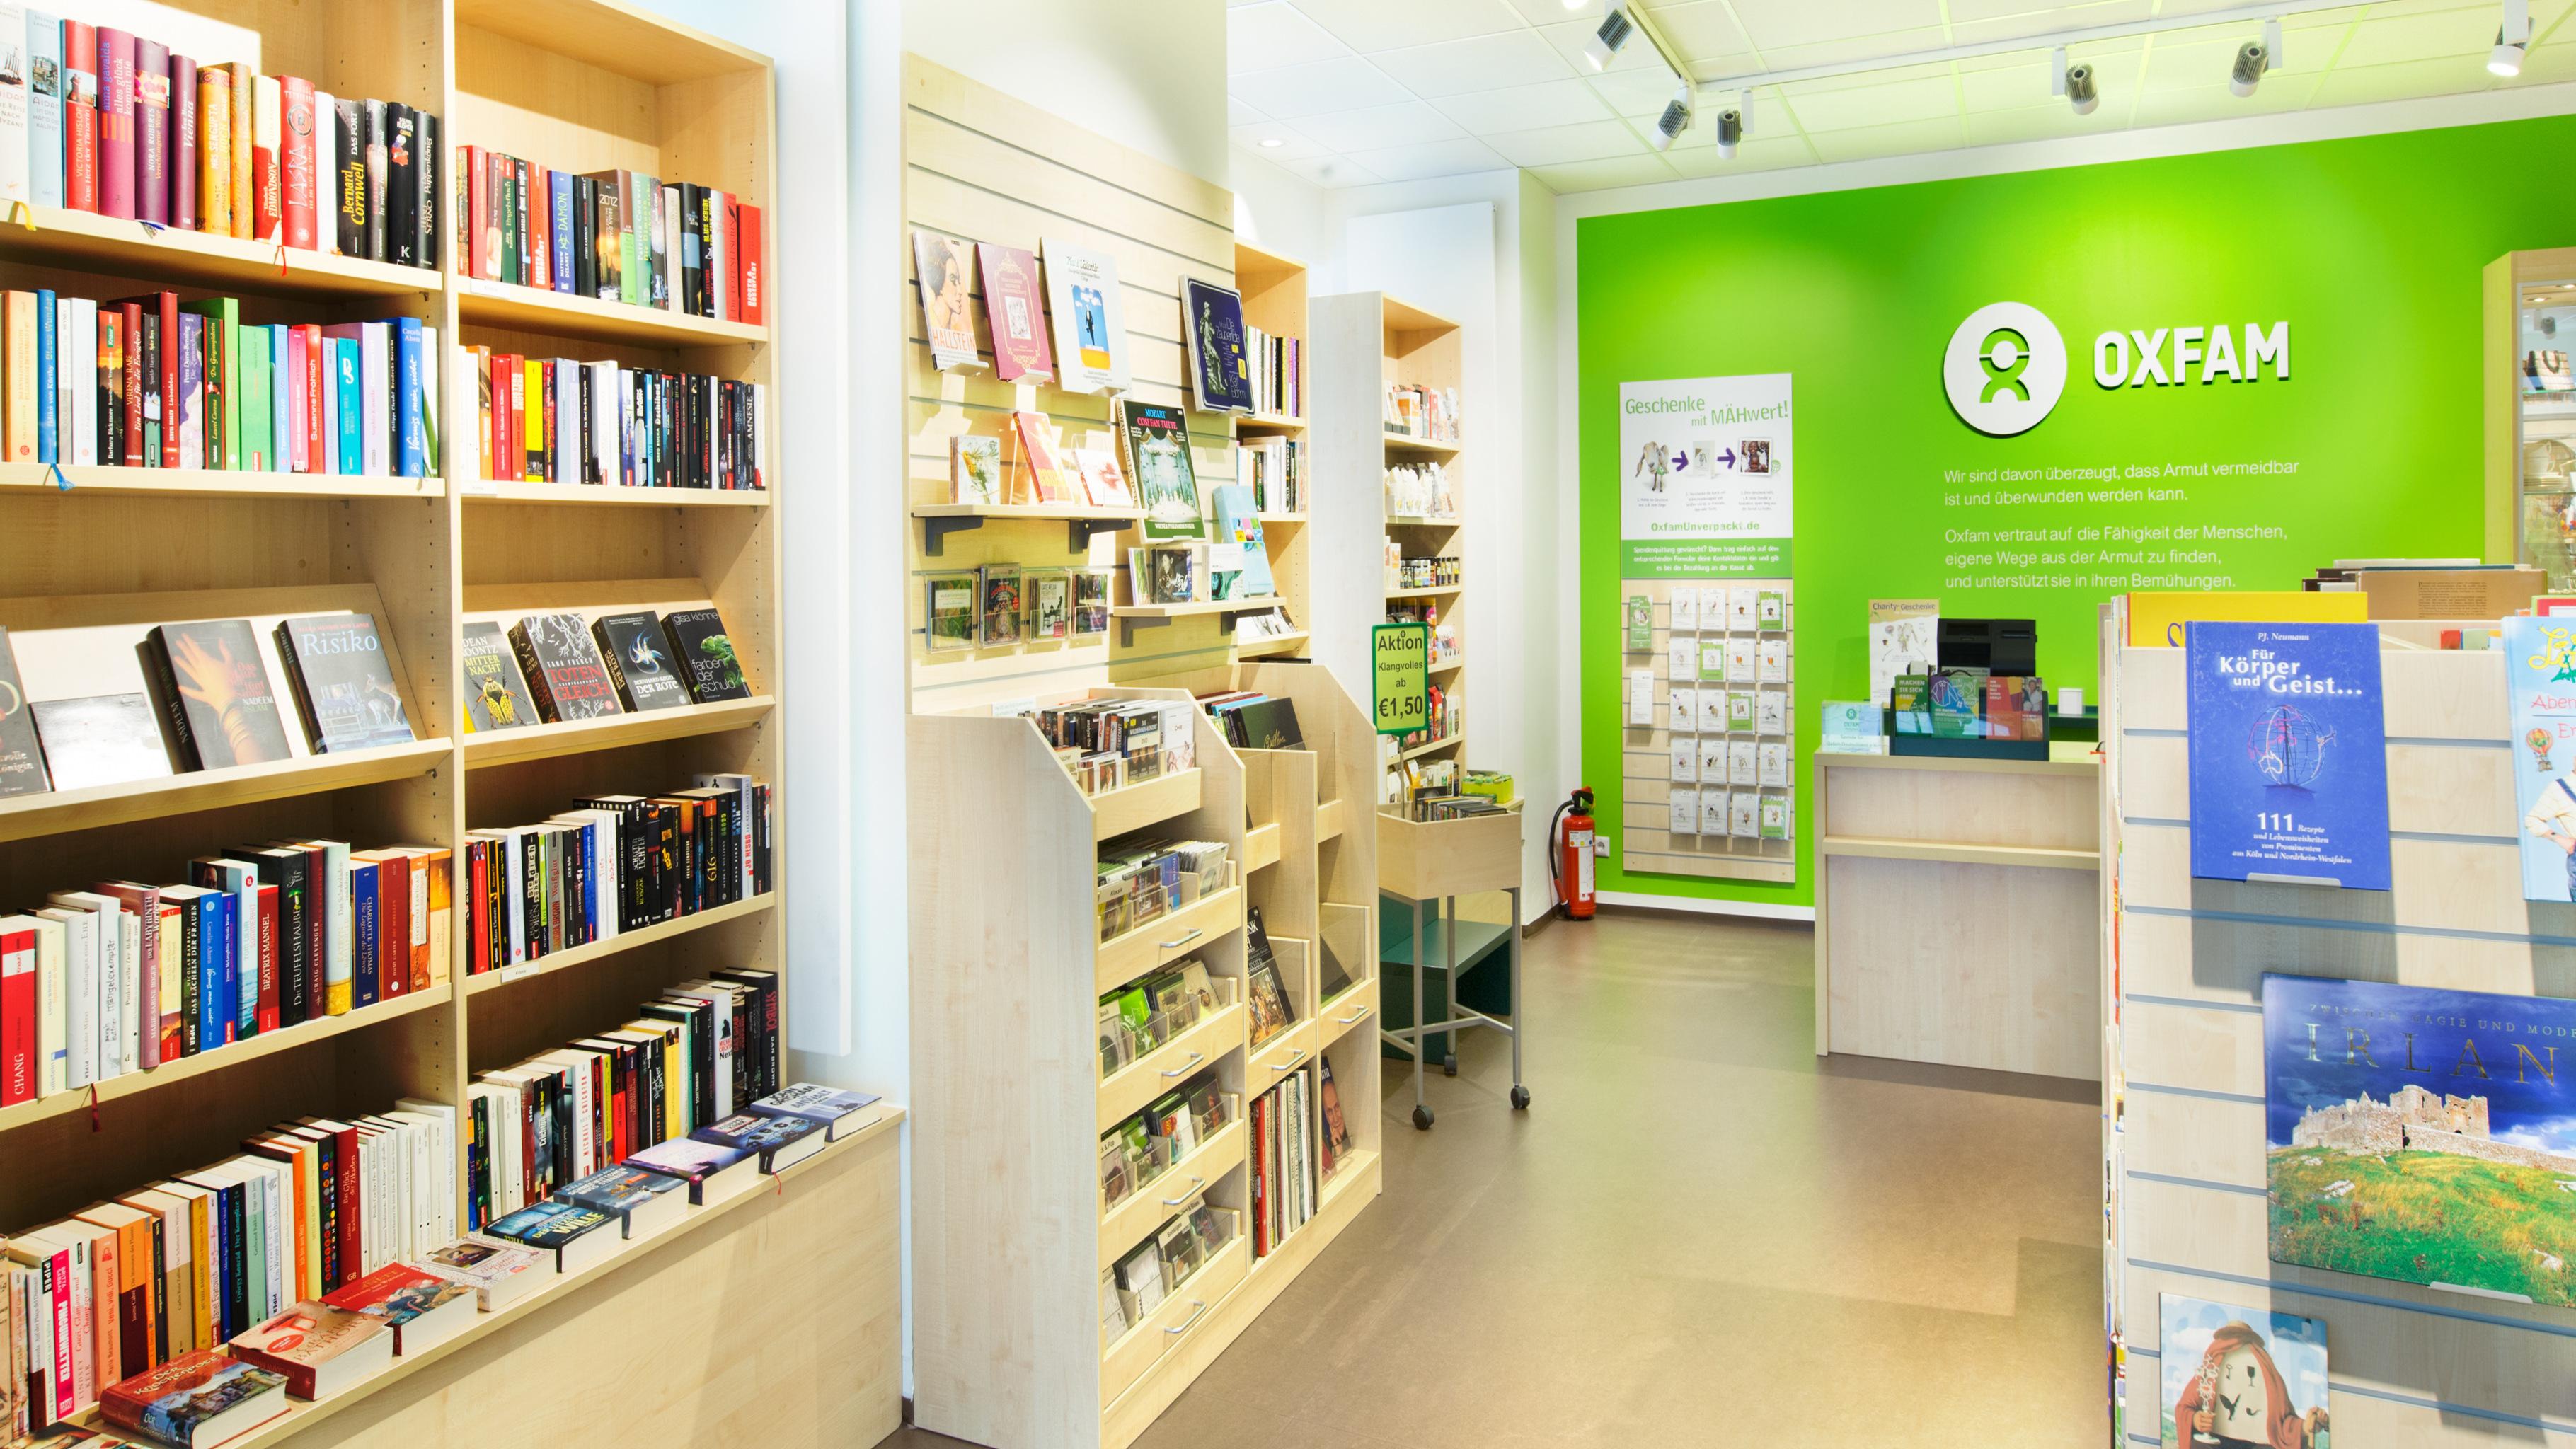 Secondhand kaufen spenden in mannheim oxfam shop for Oxfam spenden